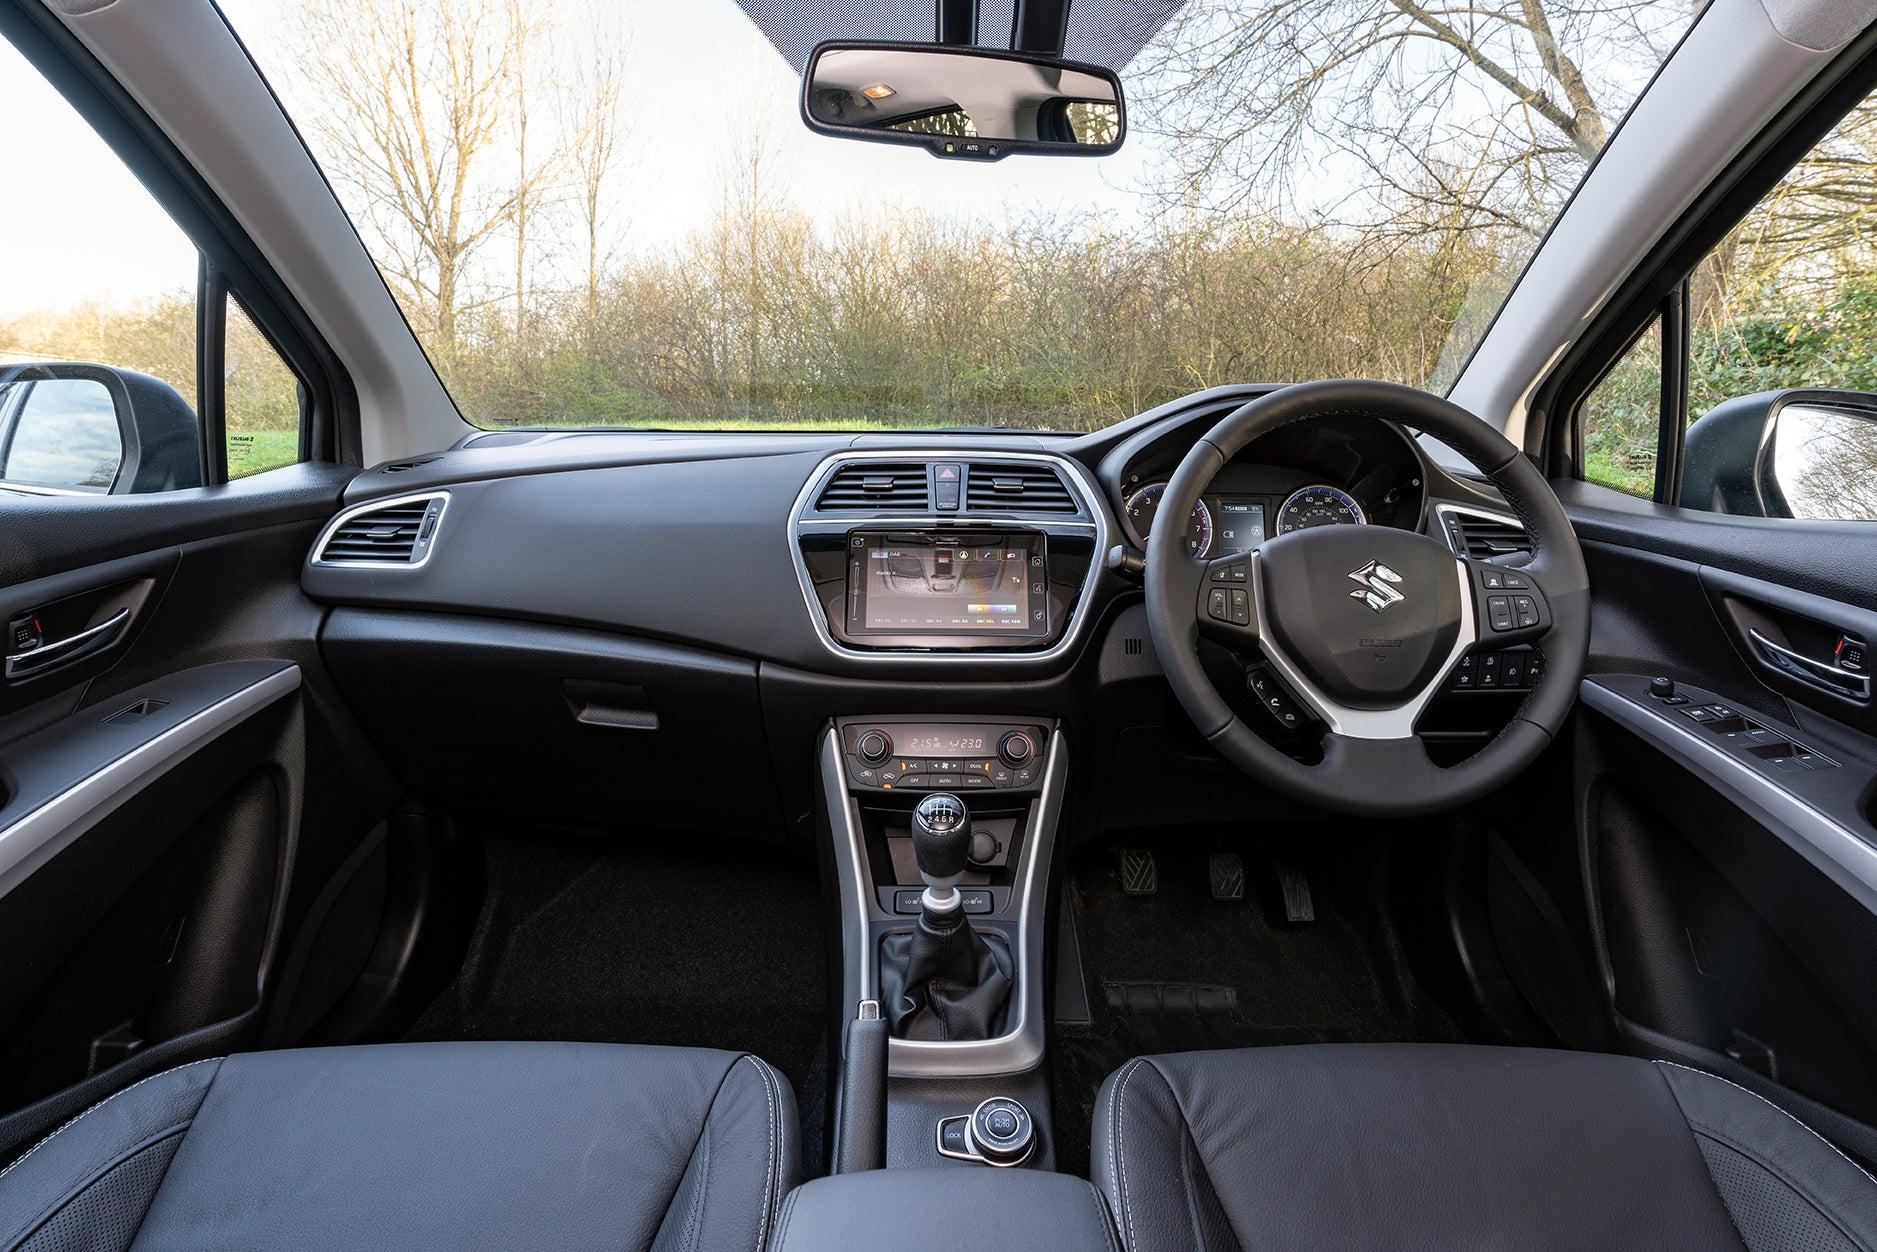 Suzuki SX4 S-Cross Front Interior